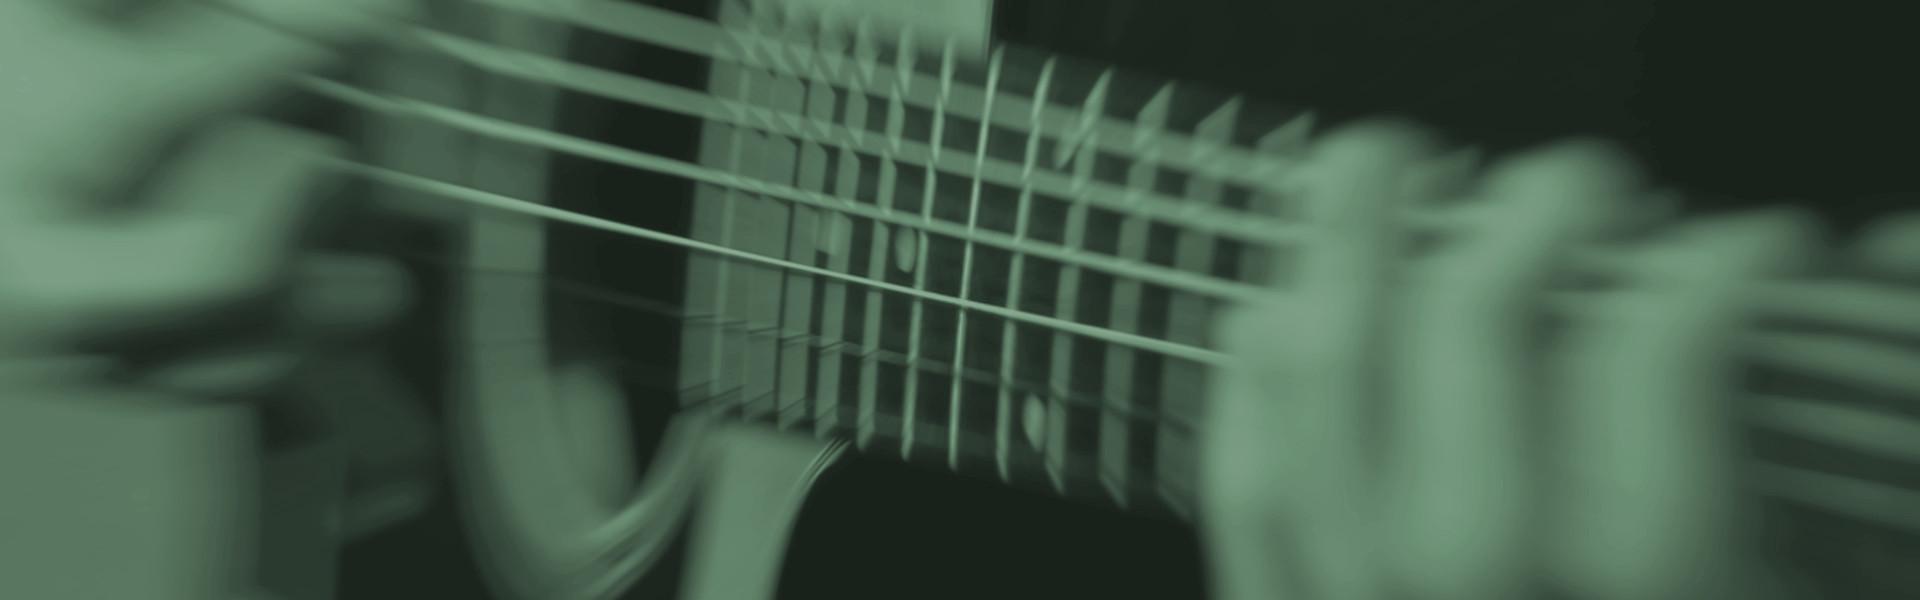 Muziekagogie een handreiking